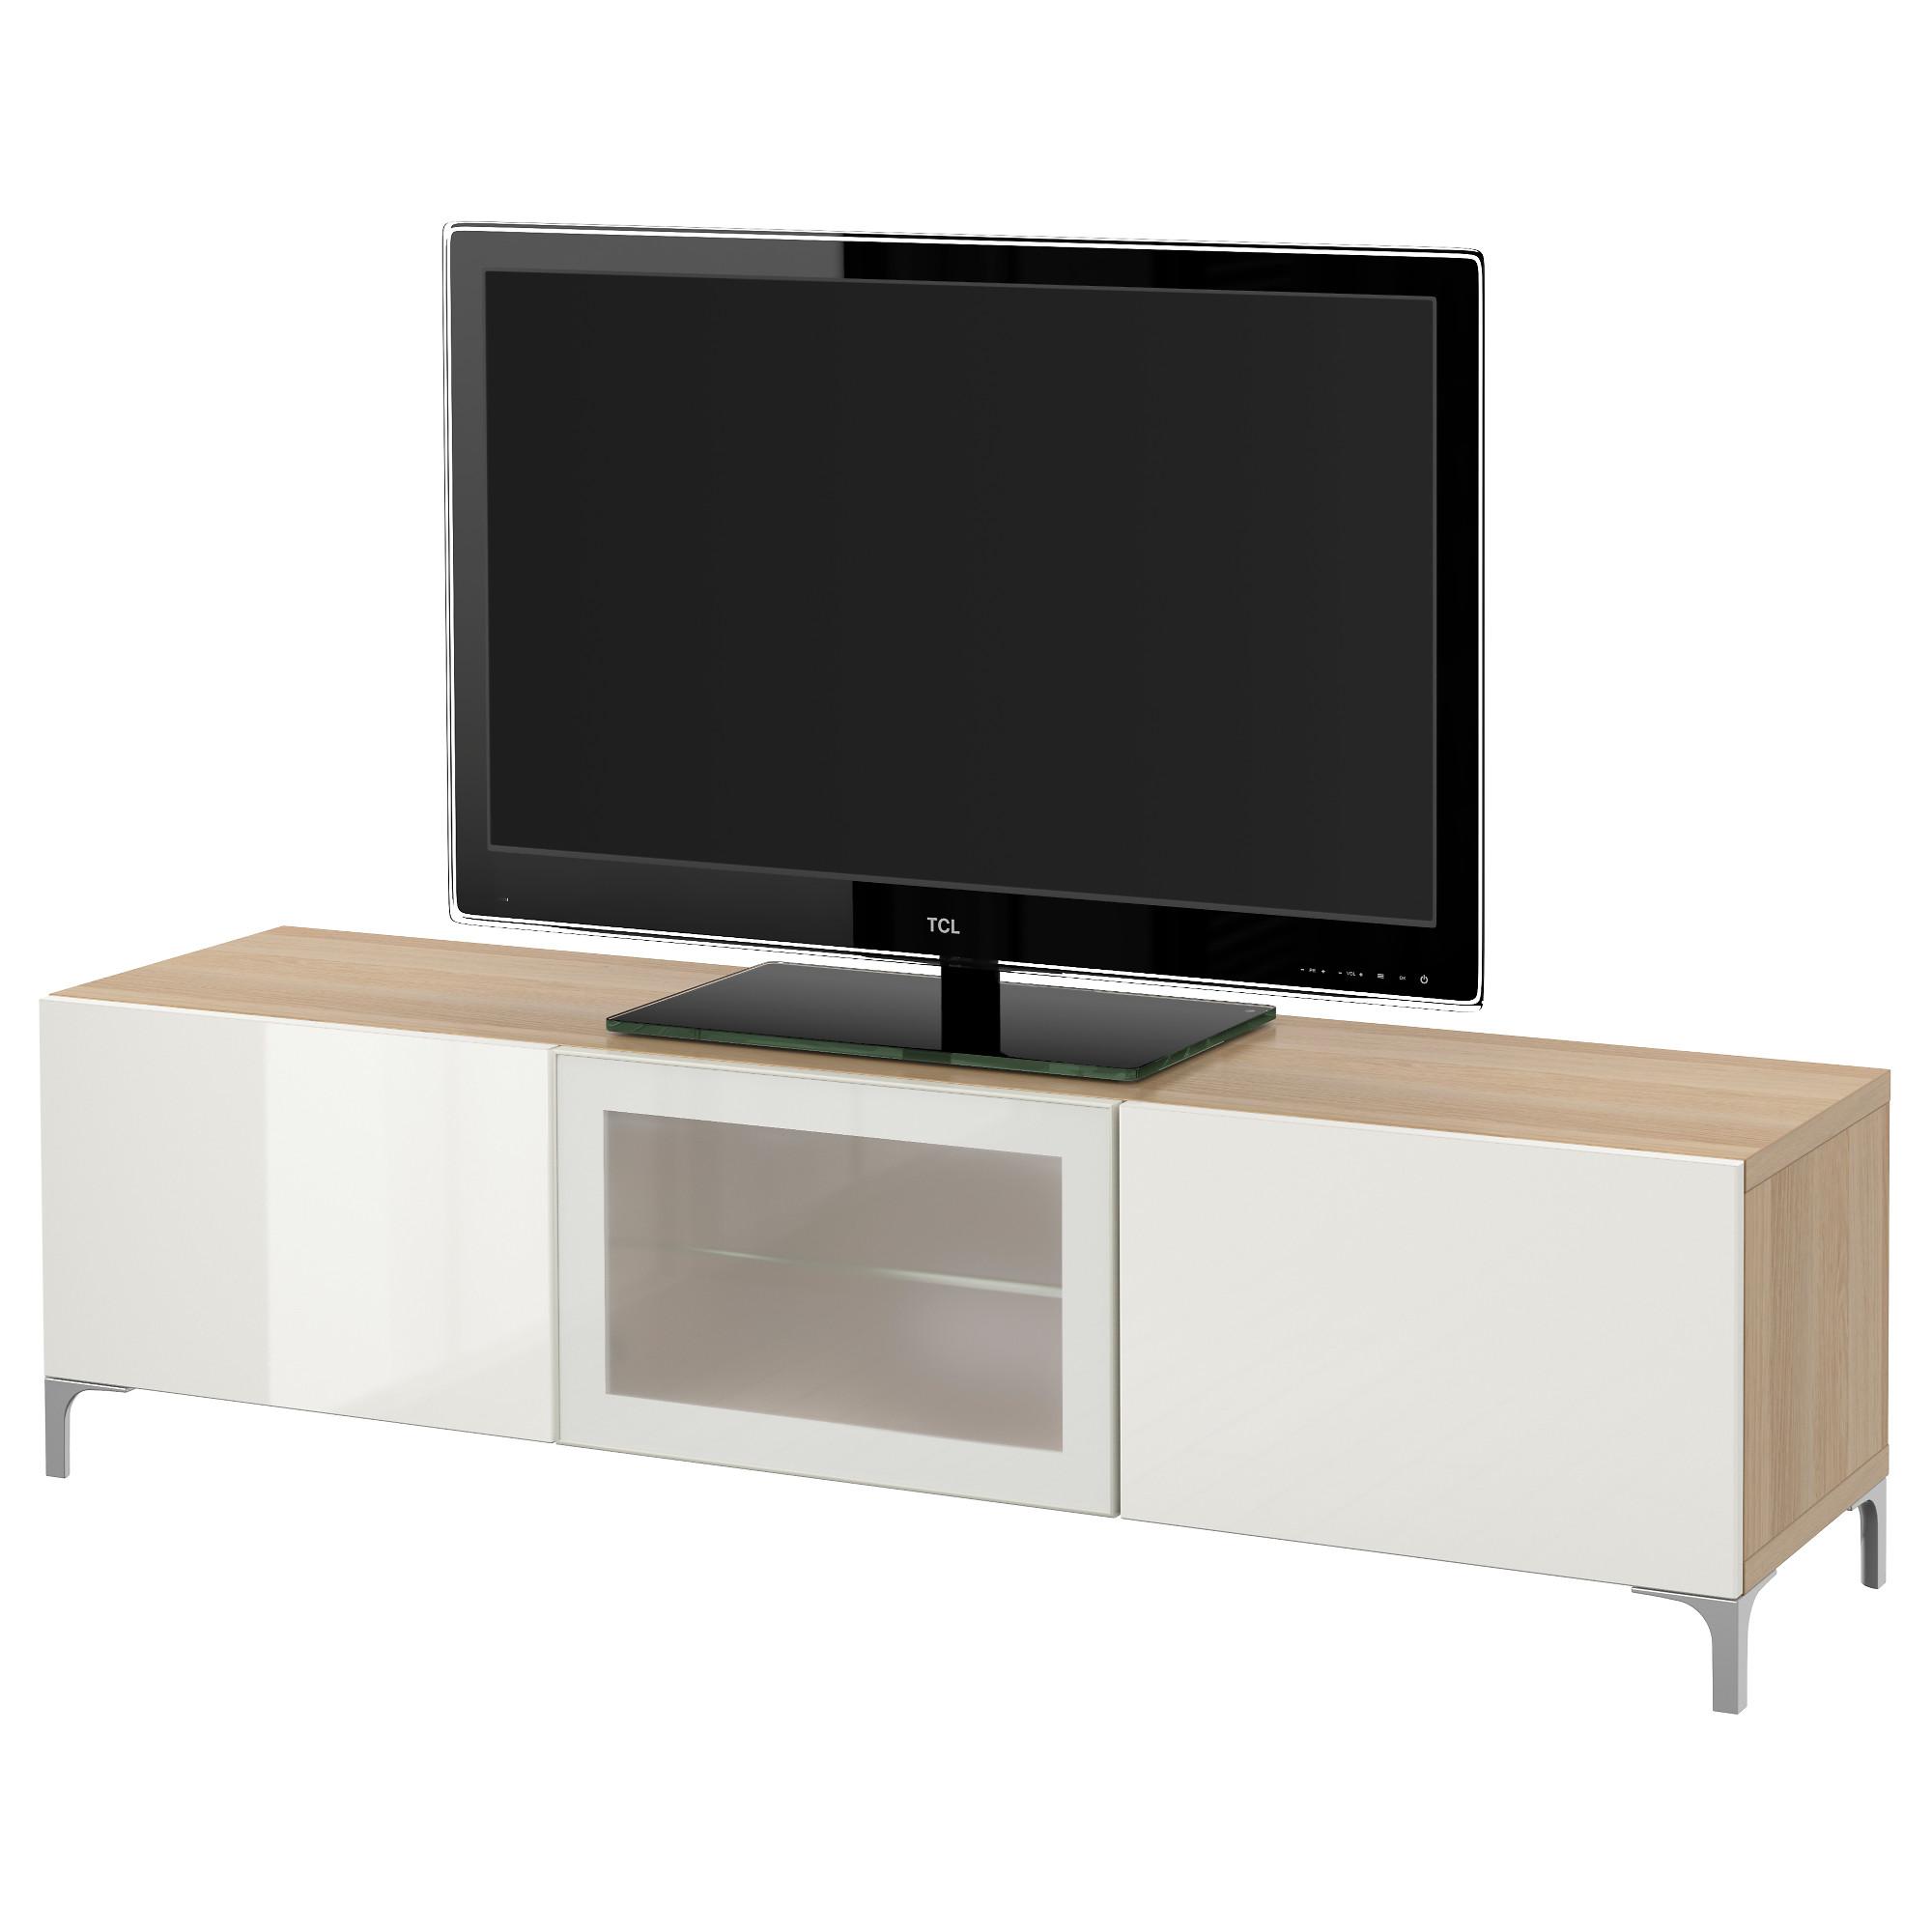 Тумба под ТВ с ящиками и дверцей БЕСТО артикуль № 492.758.42 в наличии. Онлайн каталог IKEA Минск. Быстрая доставка и установка.